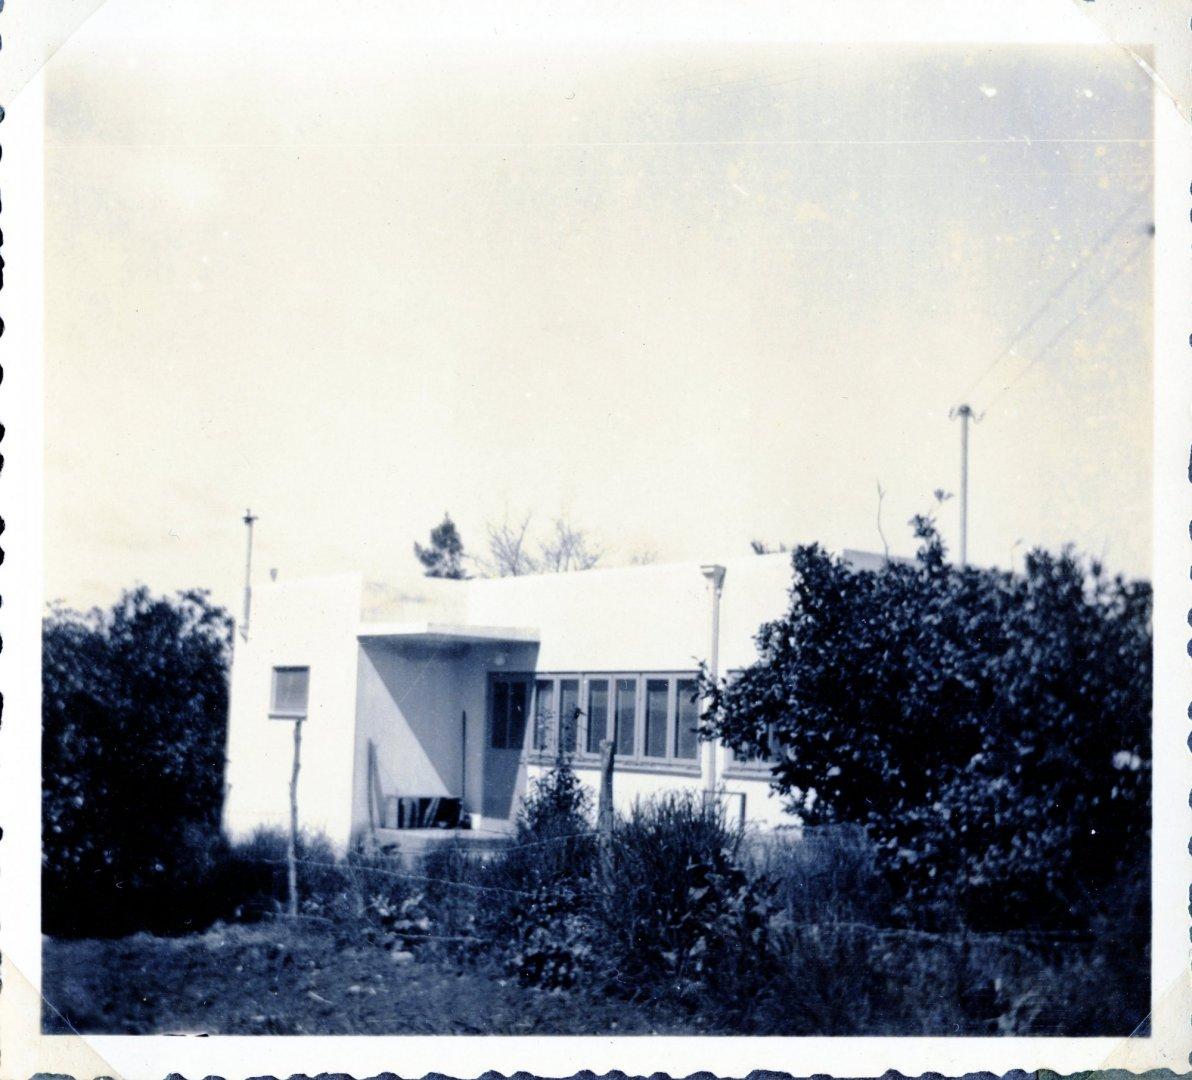 עמוד 1 אלבום    רגינה בית פרודינברג 2